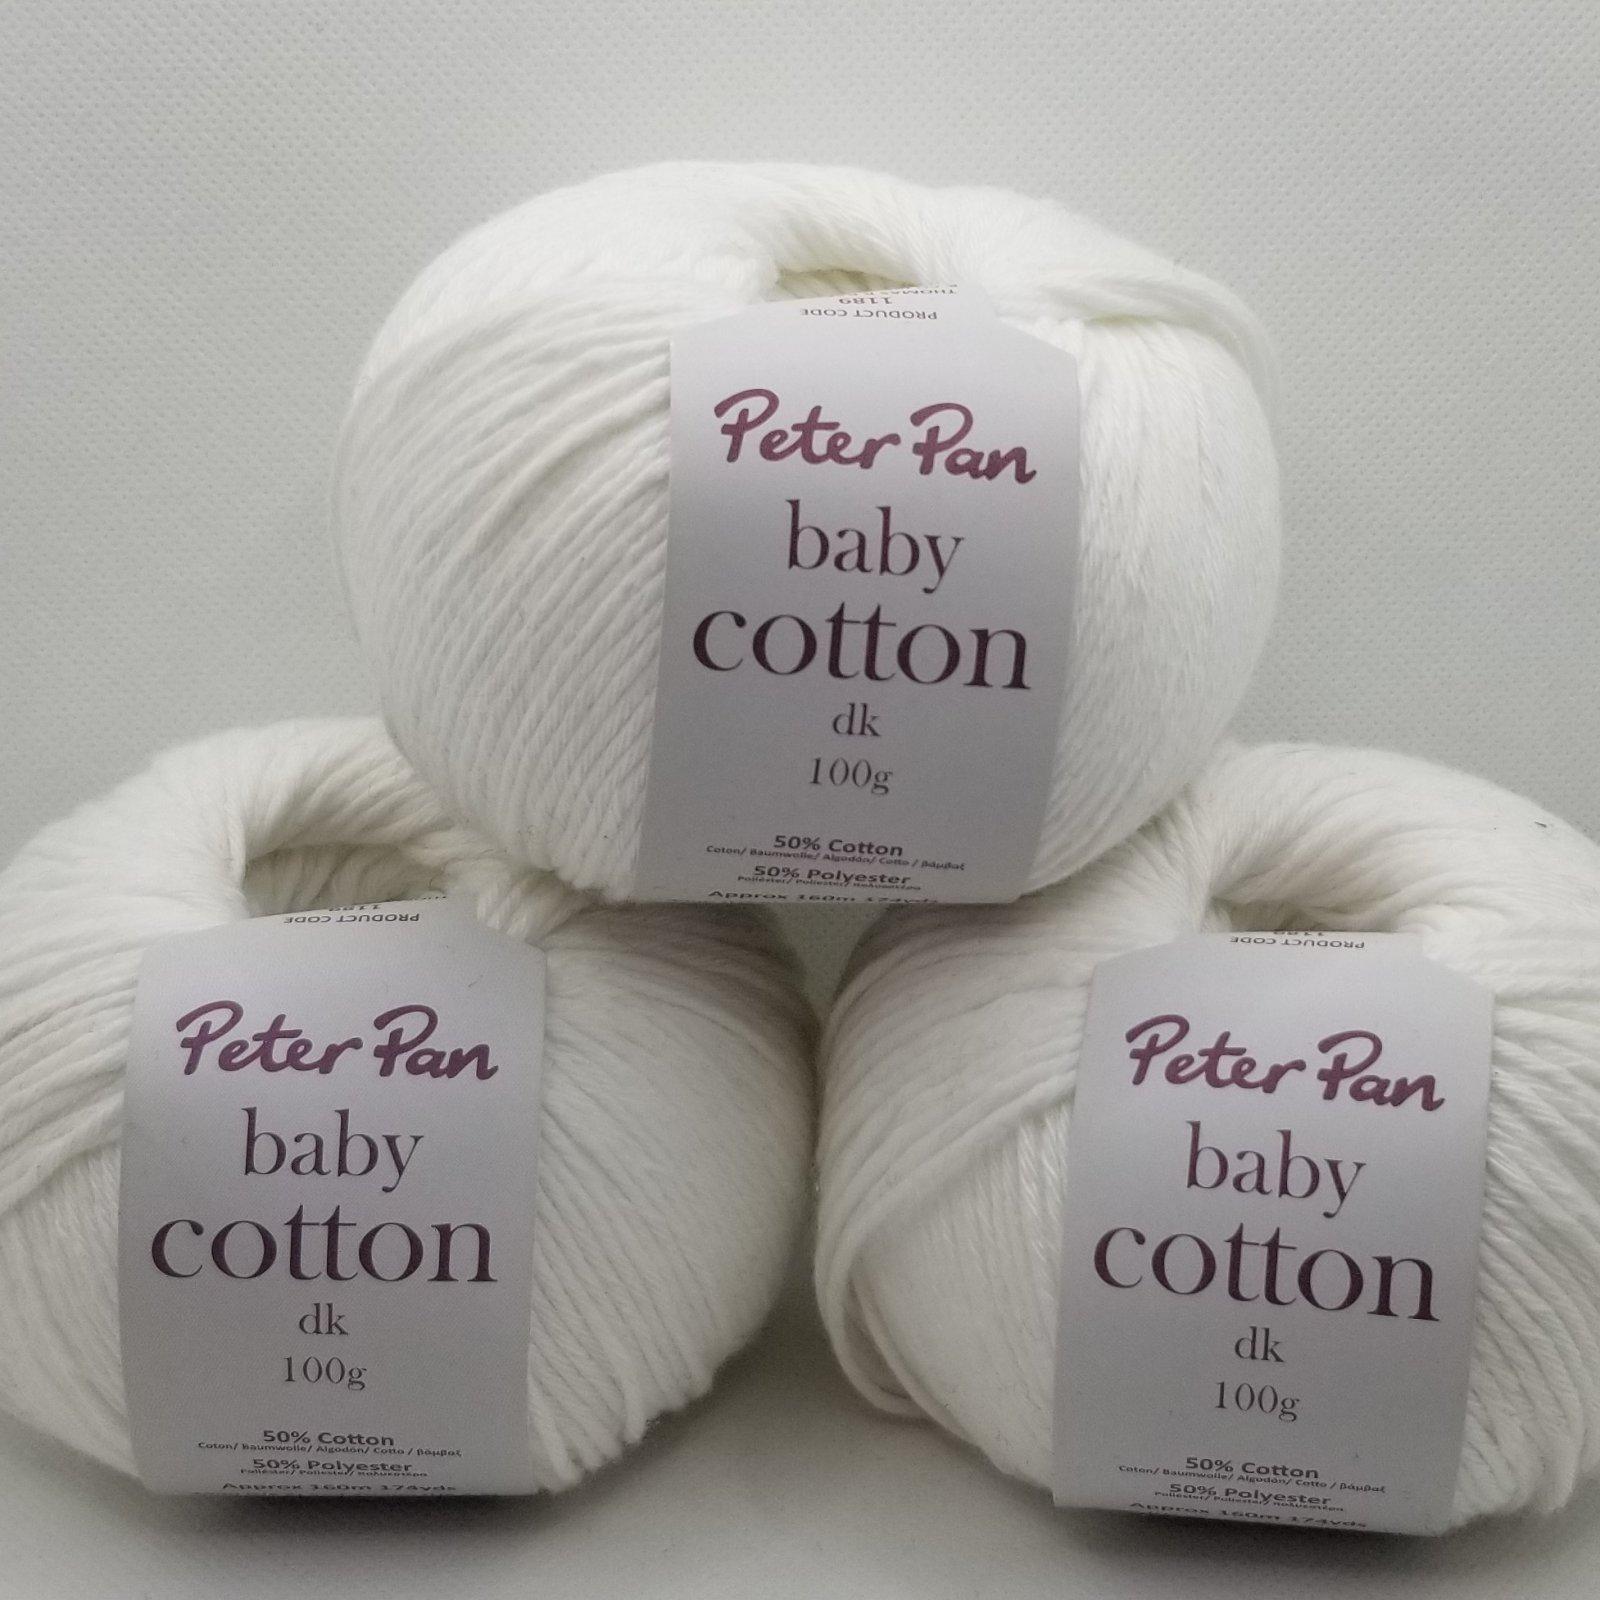 Peter Pan Baby Cotton Dk